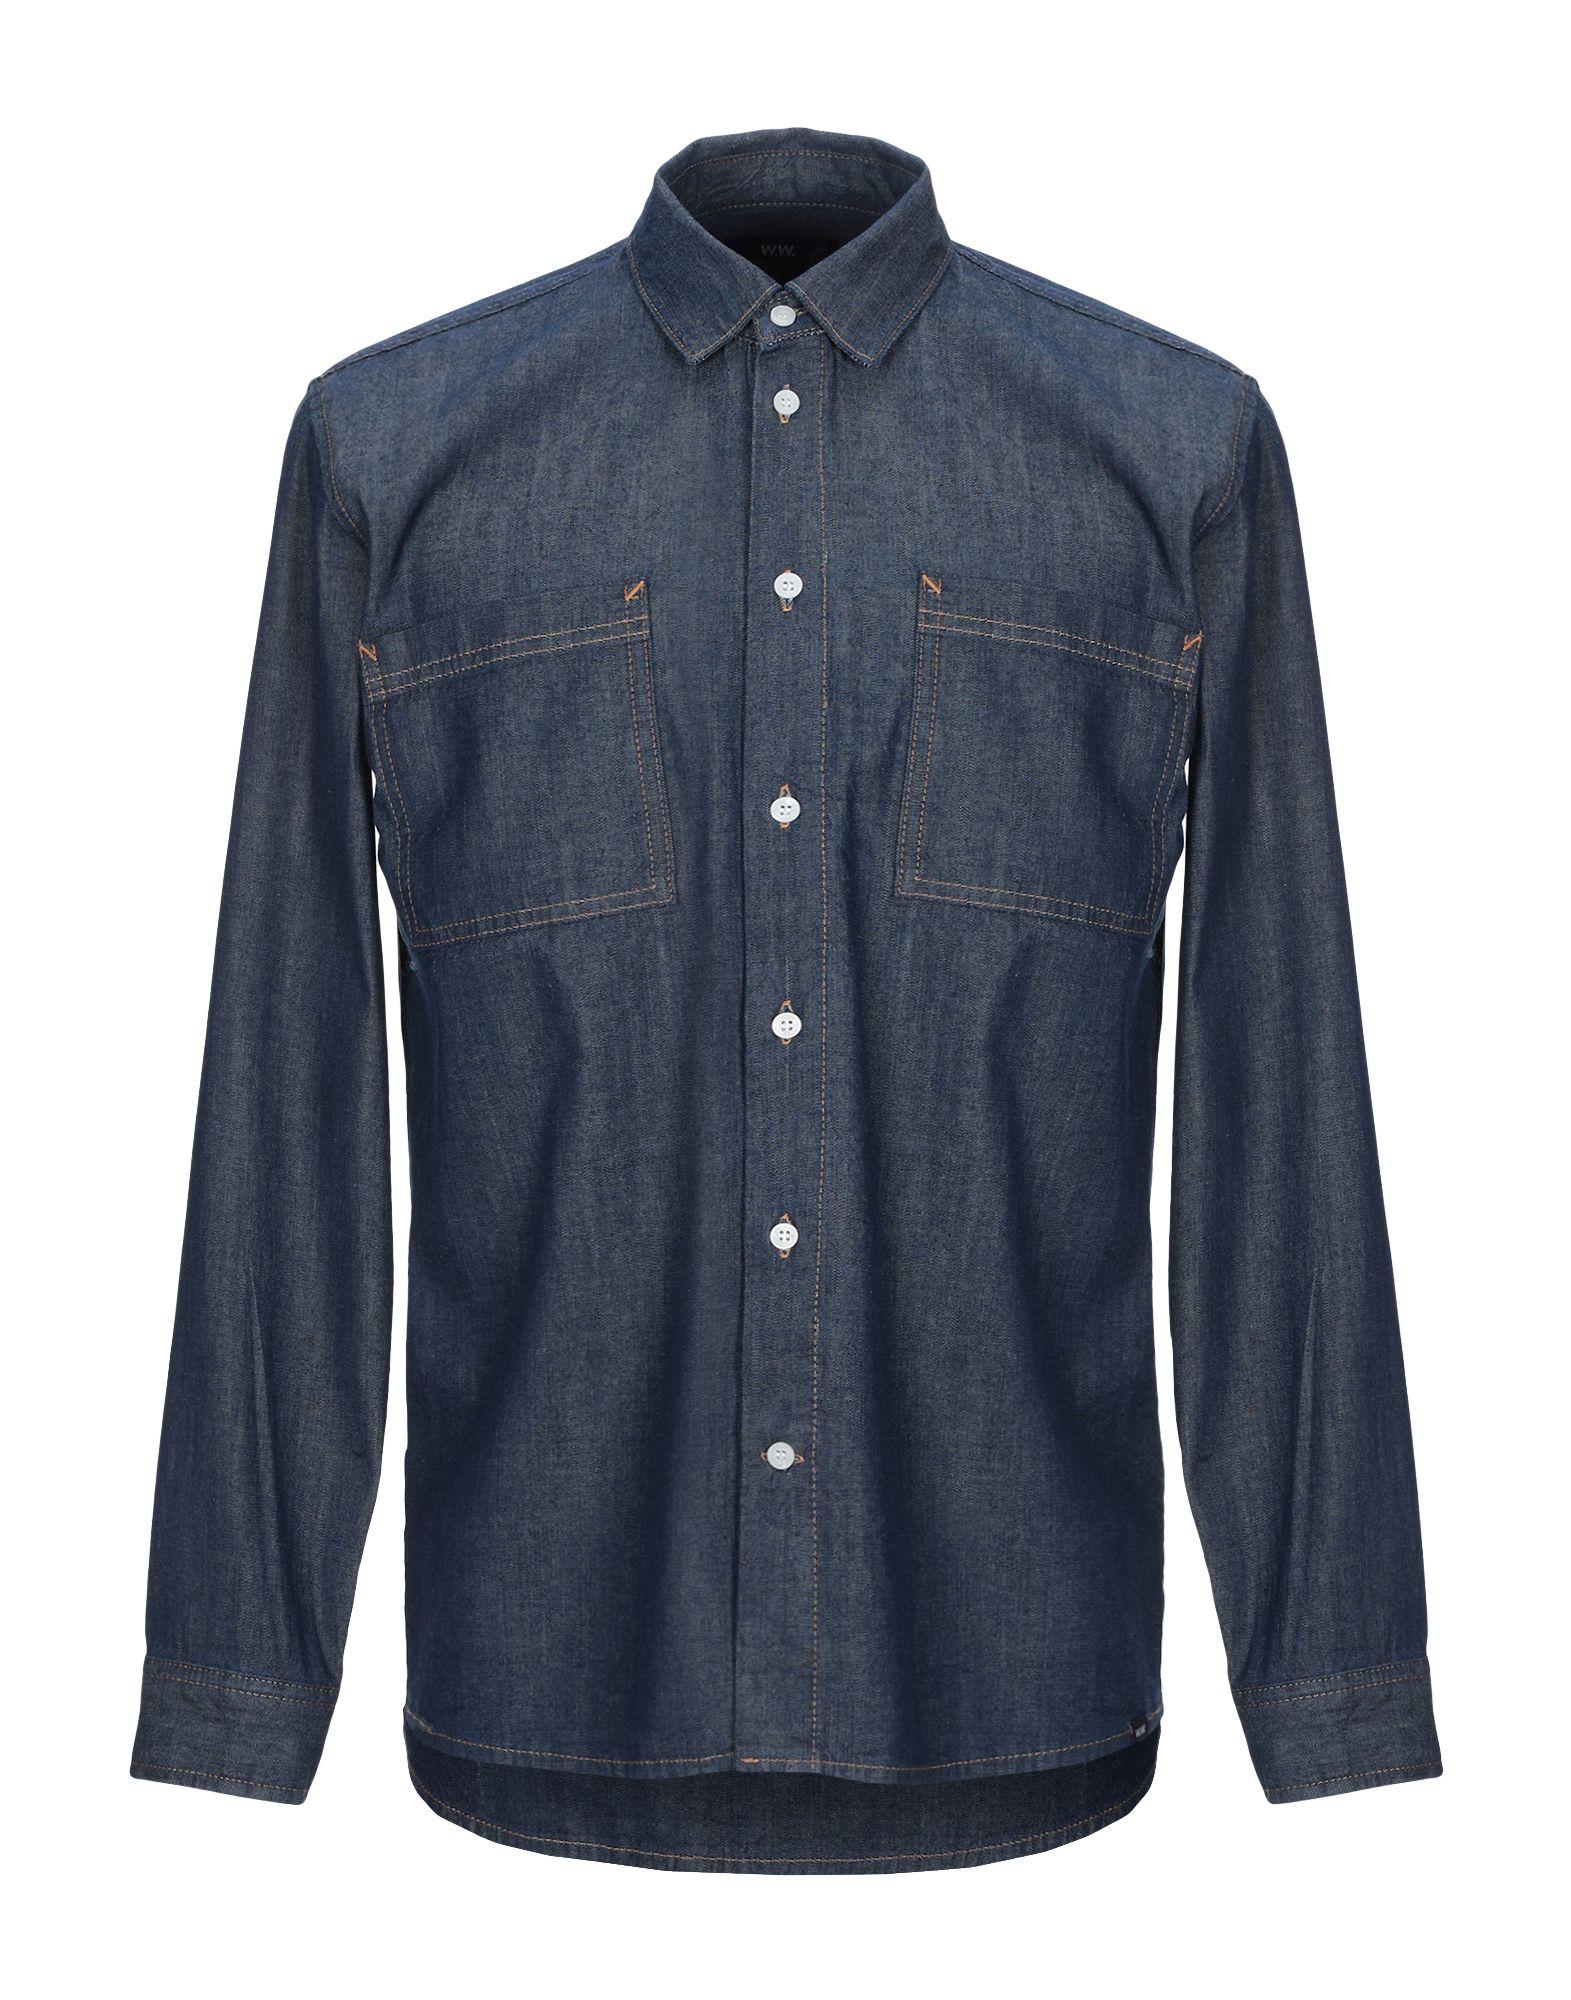 WOOD WOOD Джинсовая рубашка wood wood джинсовая верхняя одежда